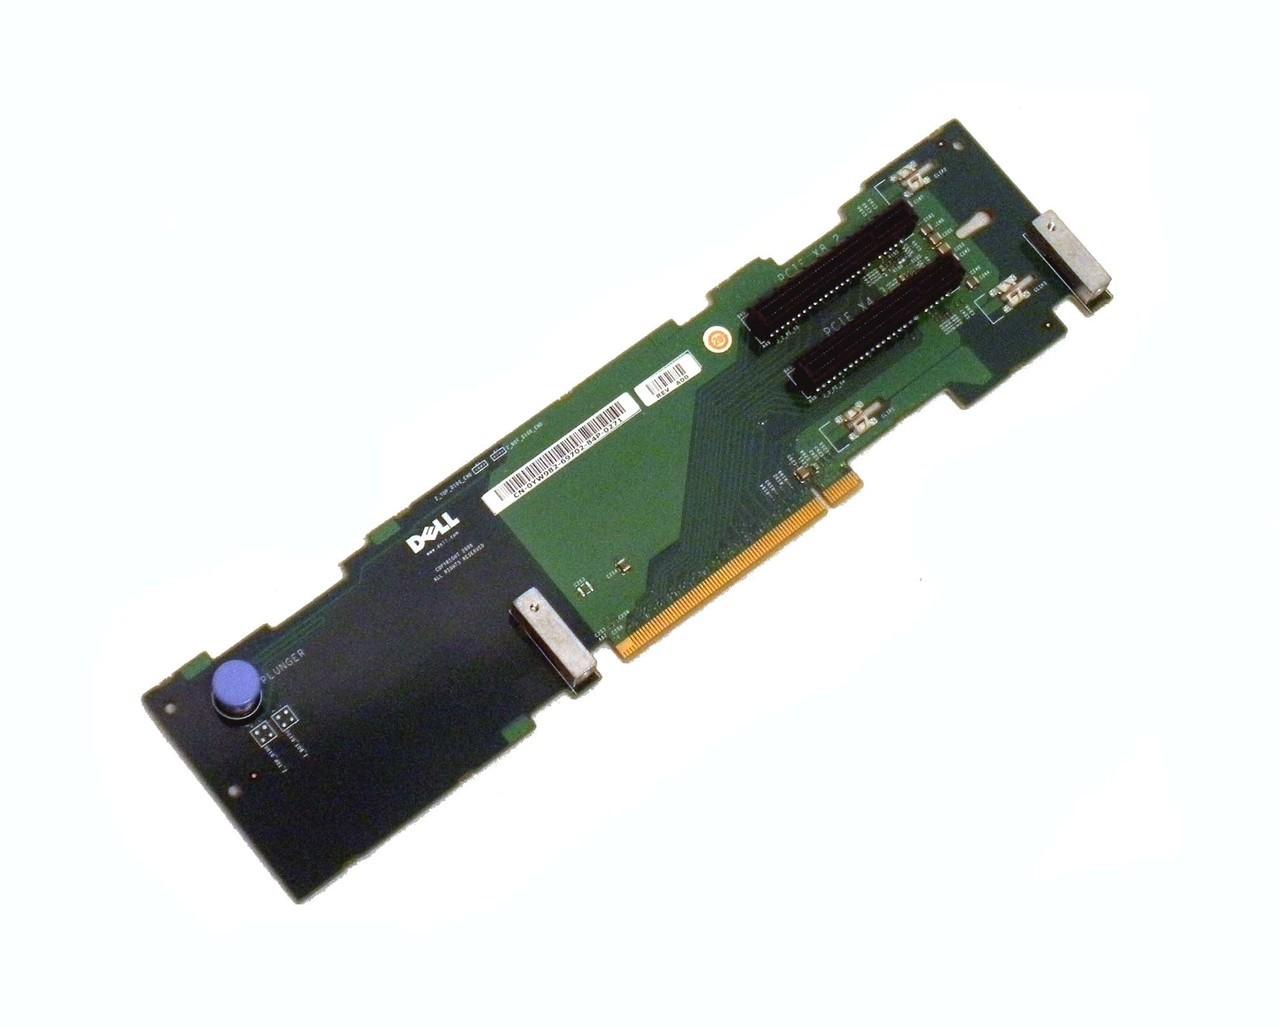 Dell PowerEdge 2970 PE2970 PCI-E Server Riser Board